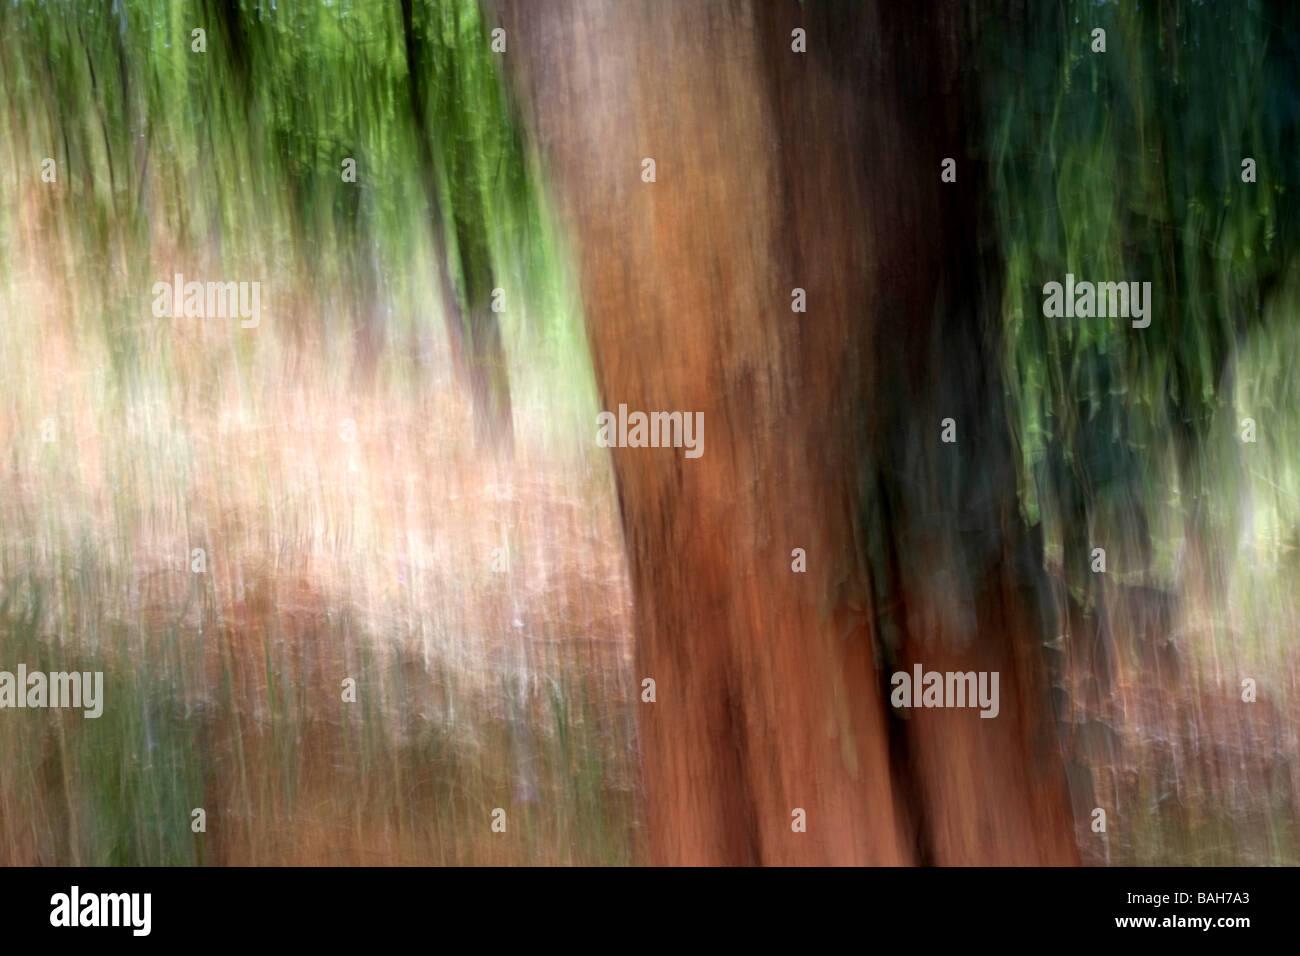 Objektiv blur natürliche unscharfen Hintergrund Stockbild